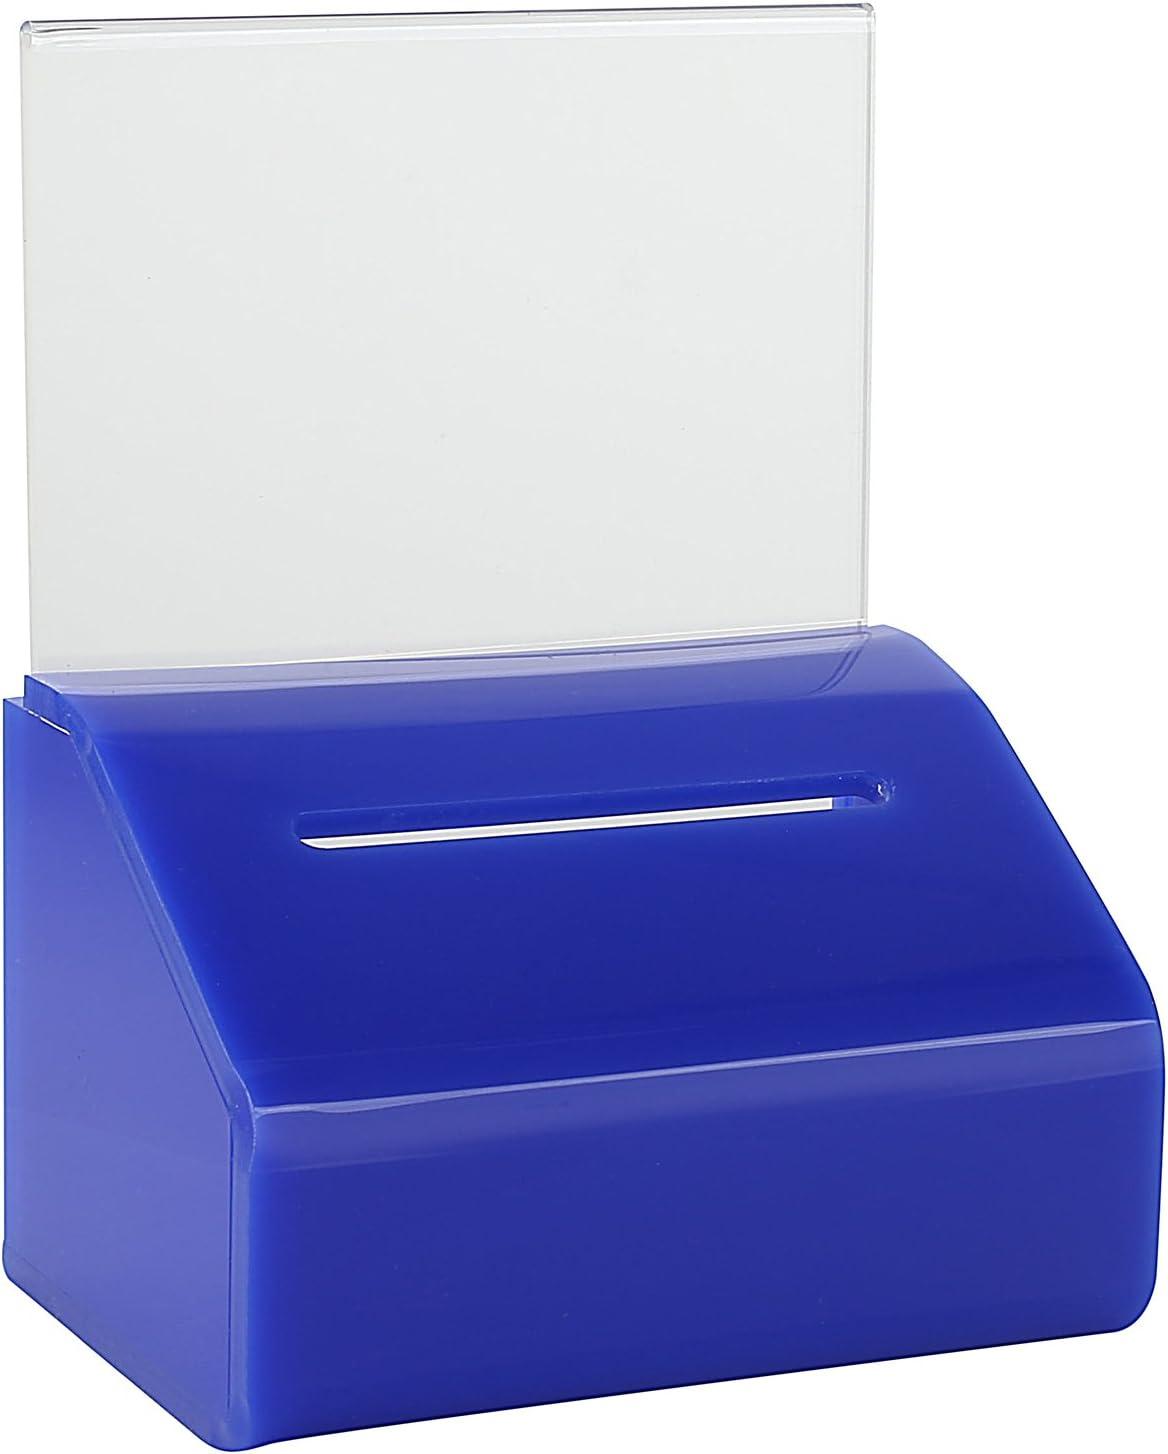 Slopie Spendenbox Ticketbox mit Schloss und Afsteller rot Wahlurne MCB Trinkgeldschachtel Kleine klare Spendenbox mit Schloss und Schildhalter